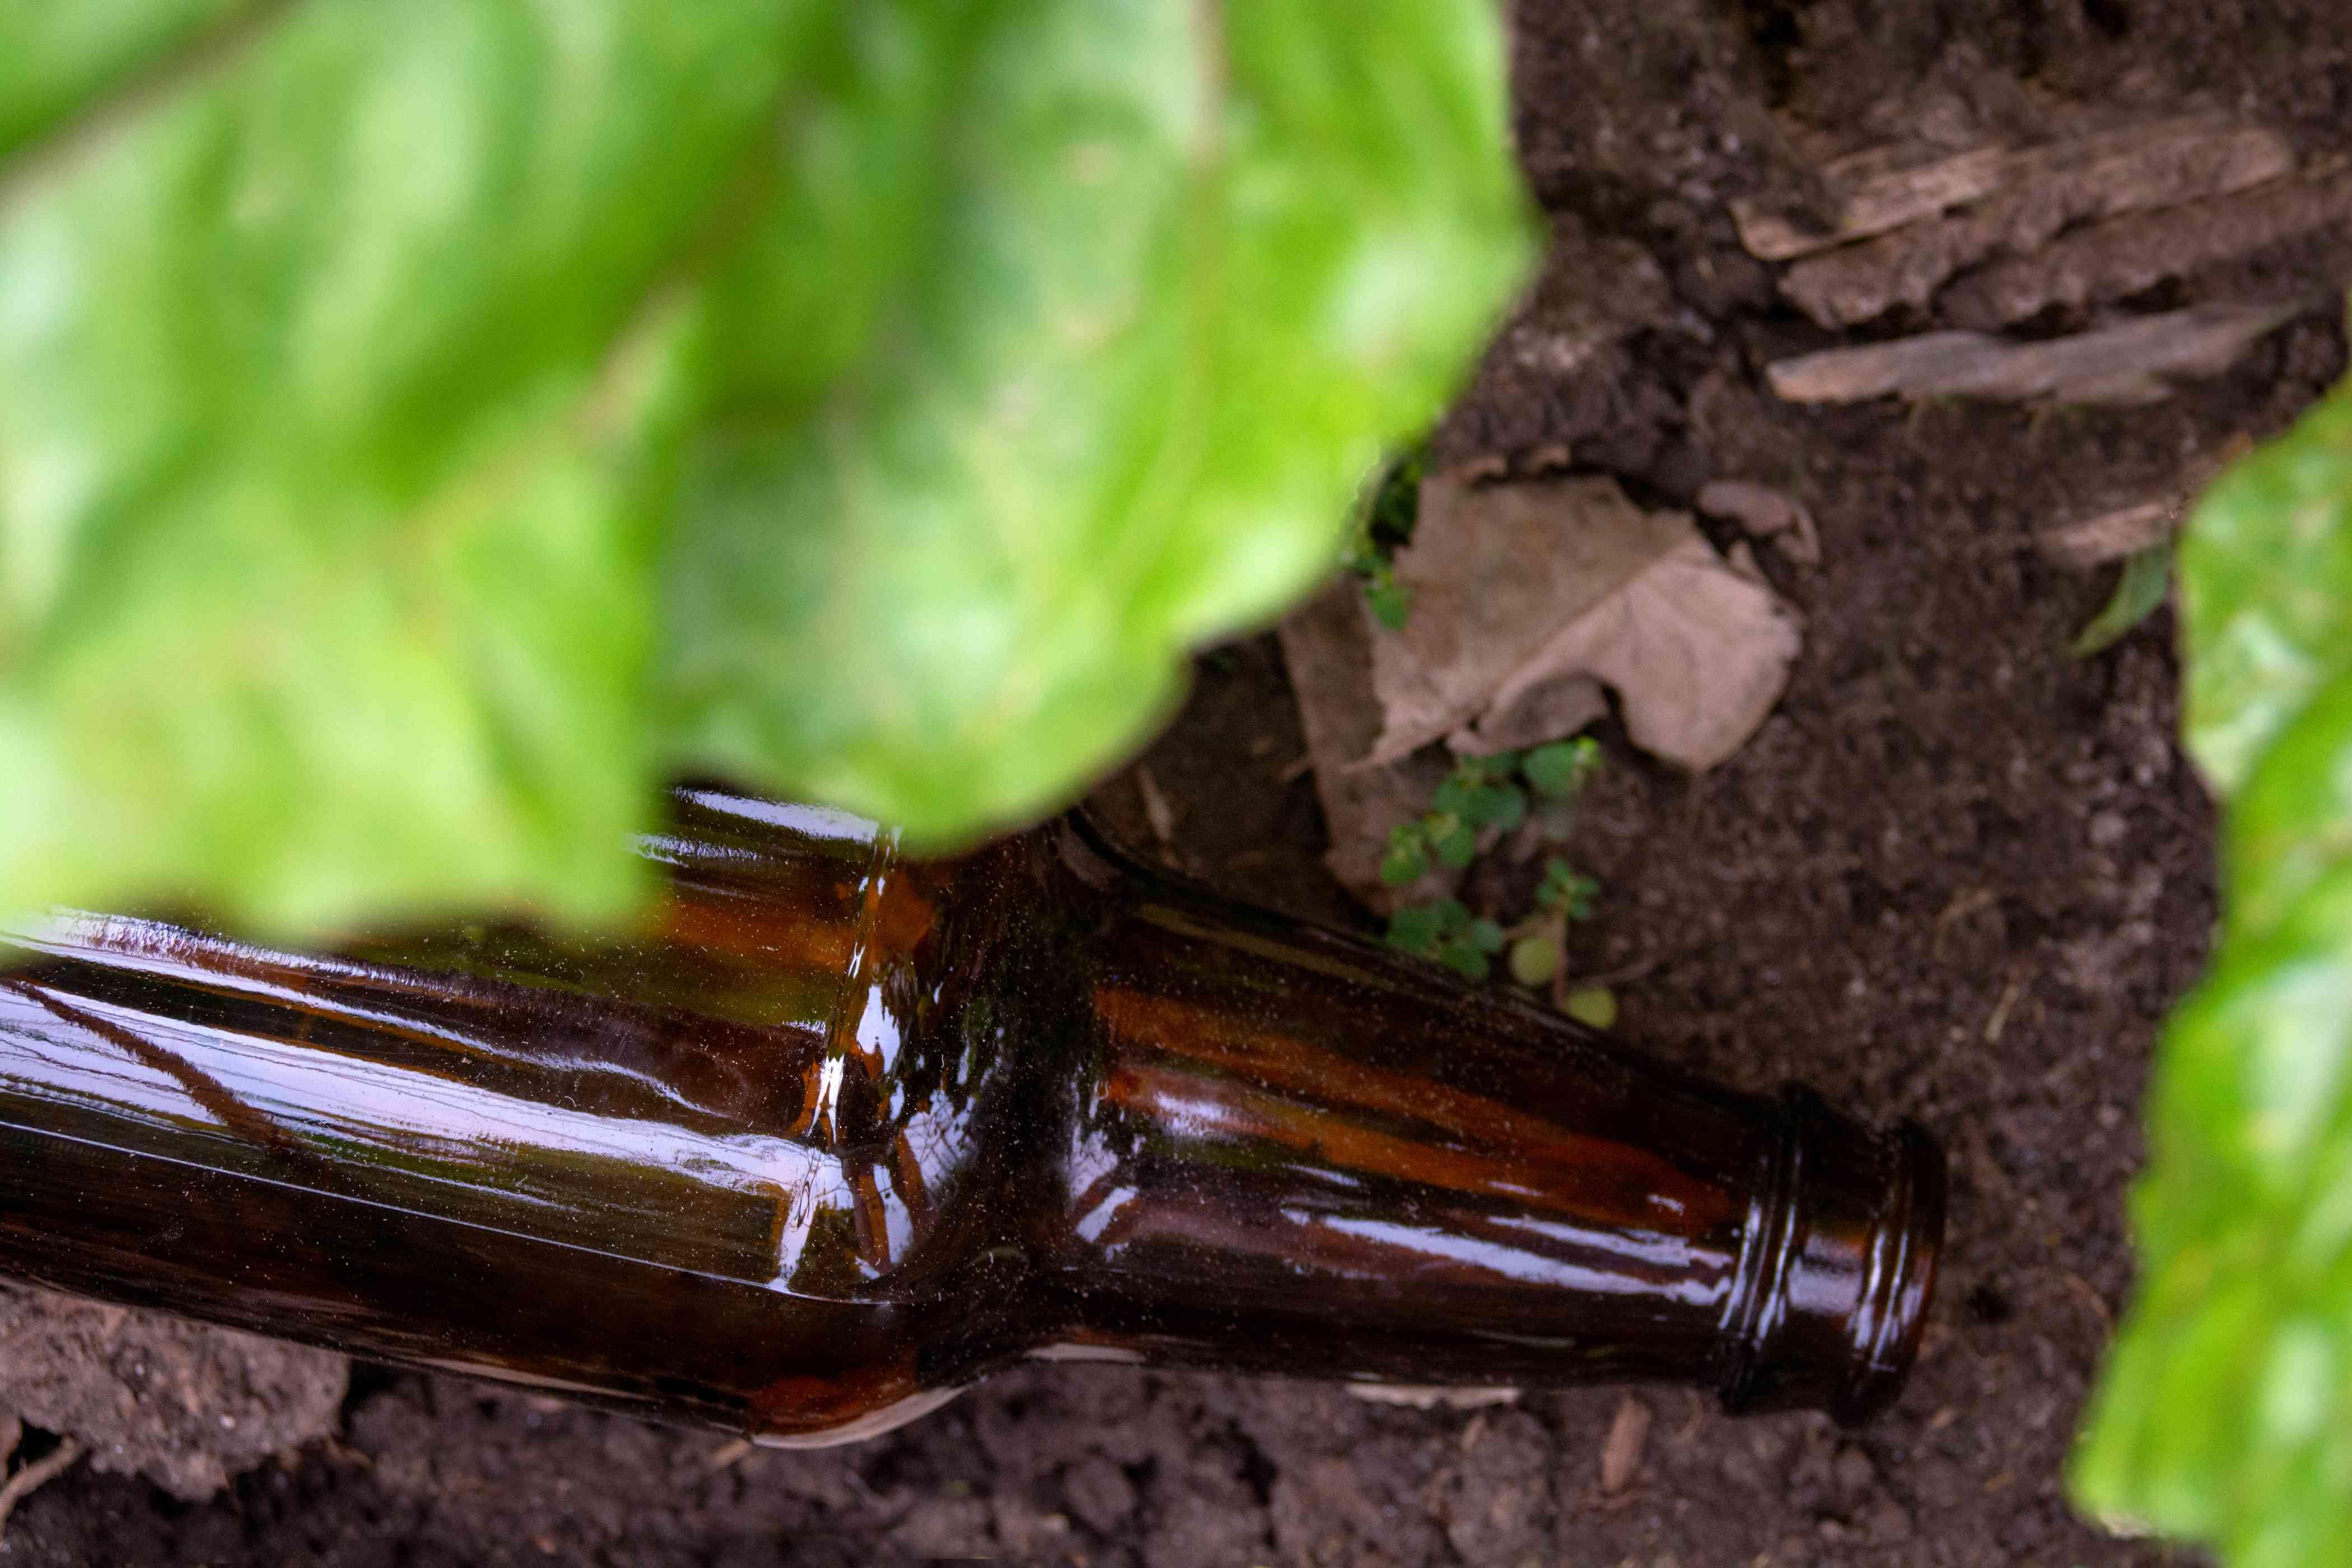 Brown beer bottle pouring beer in garden to prevent slugs